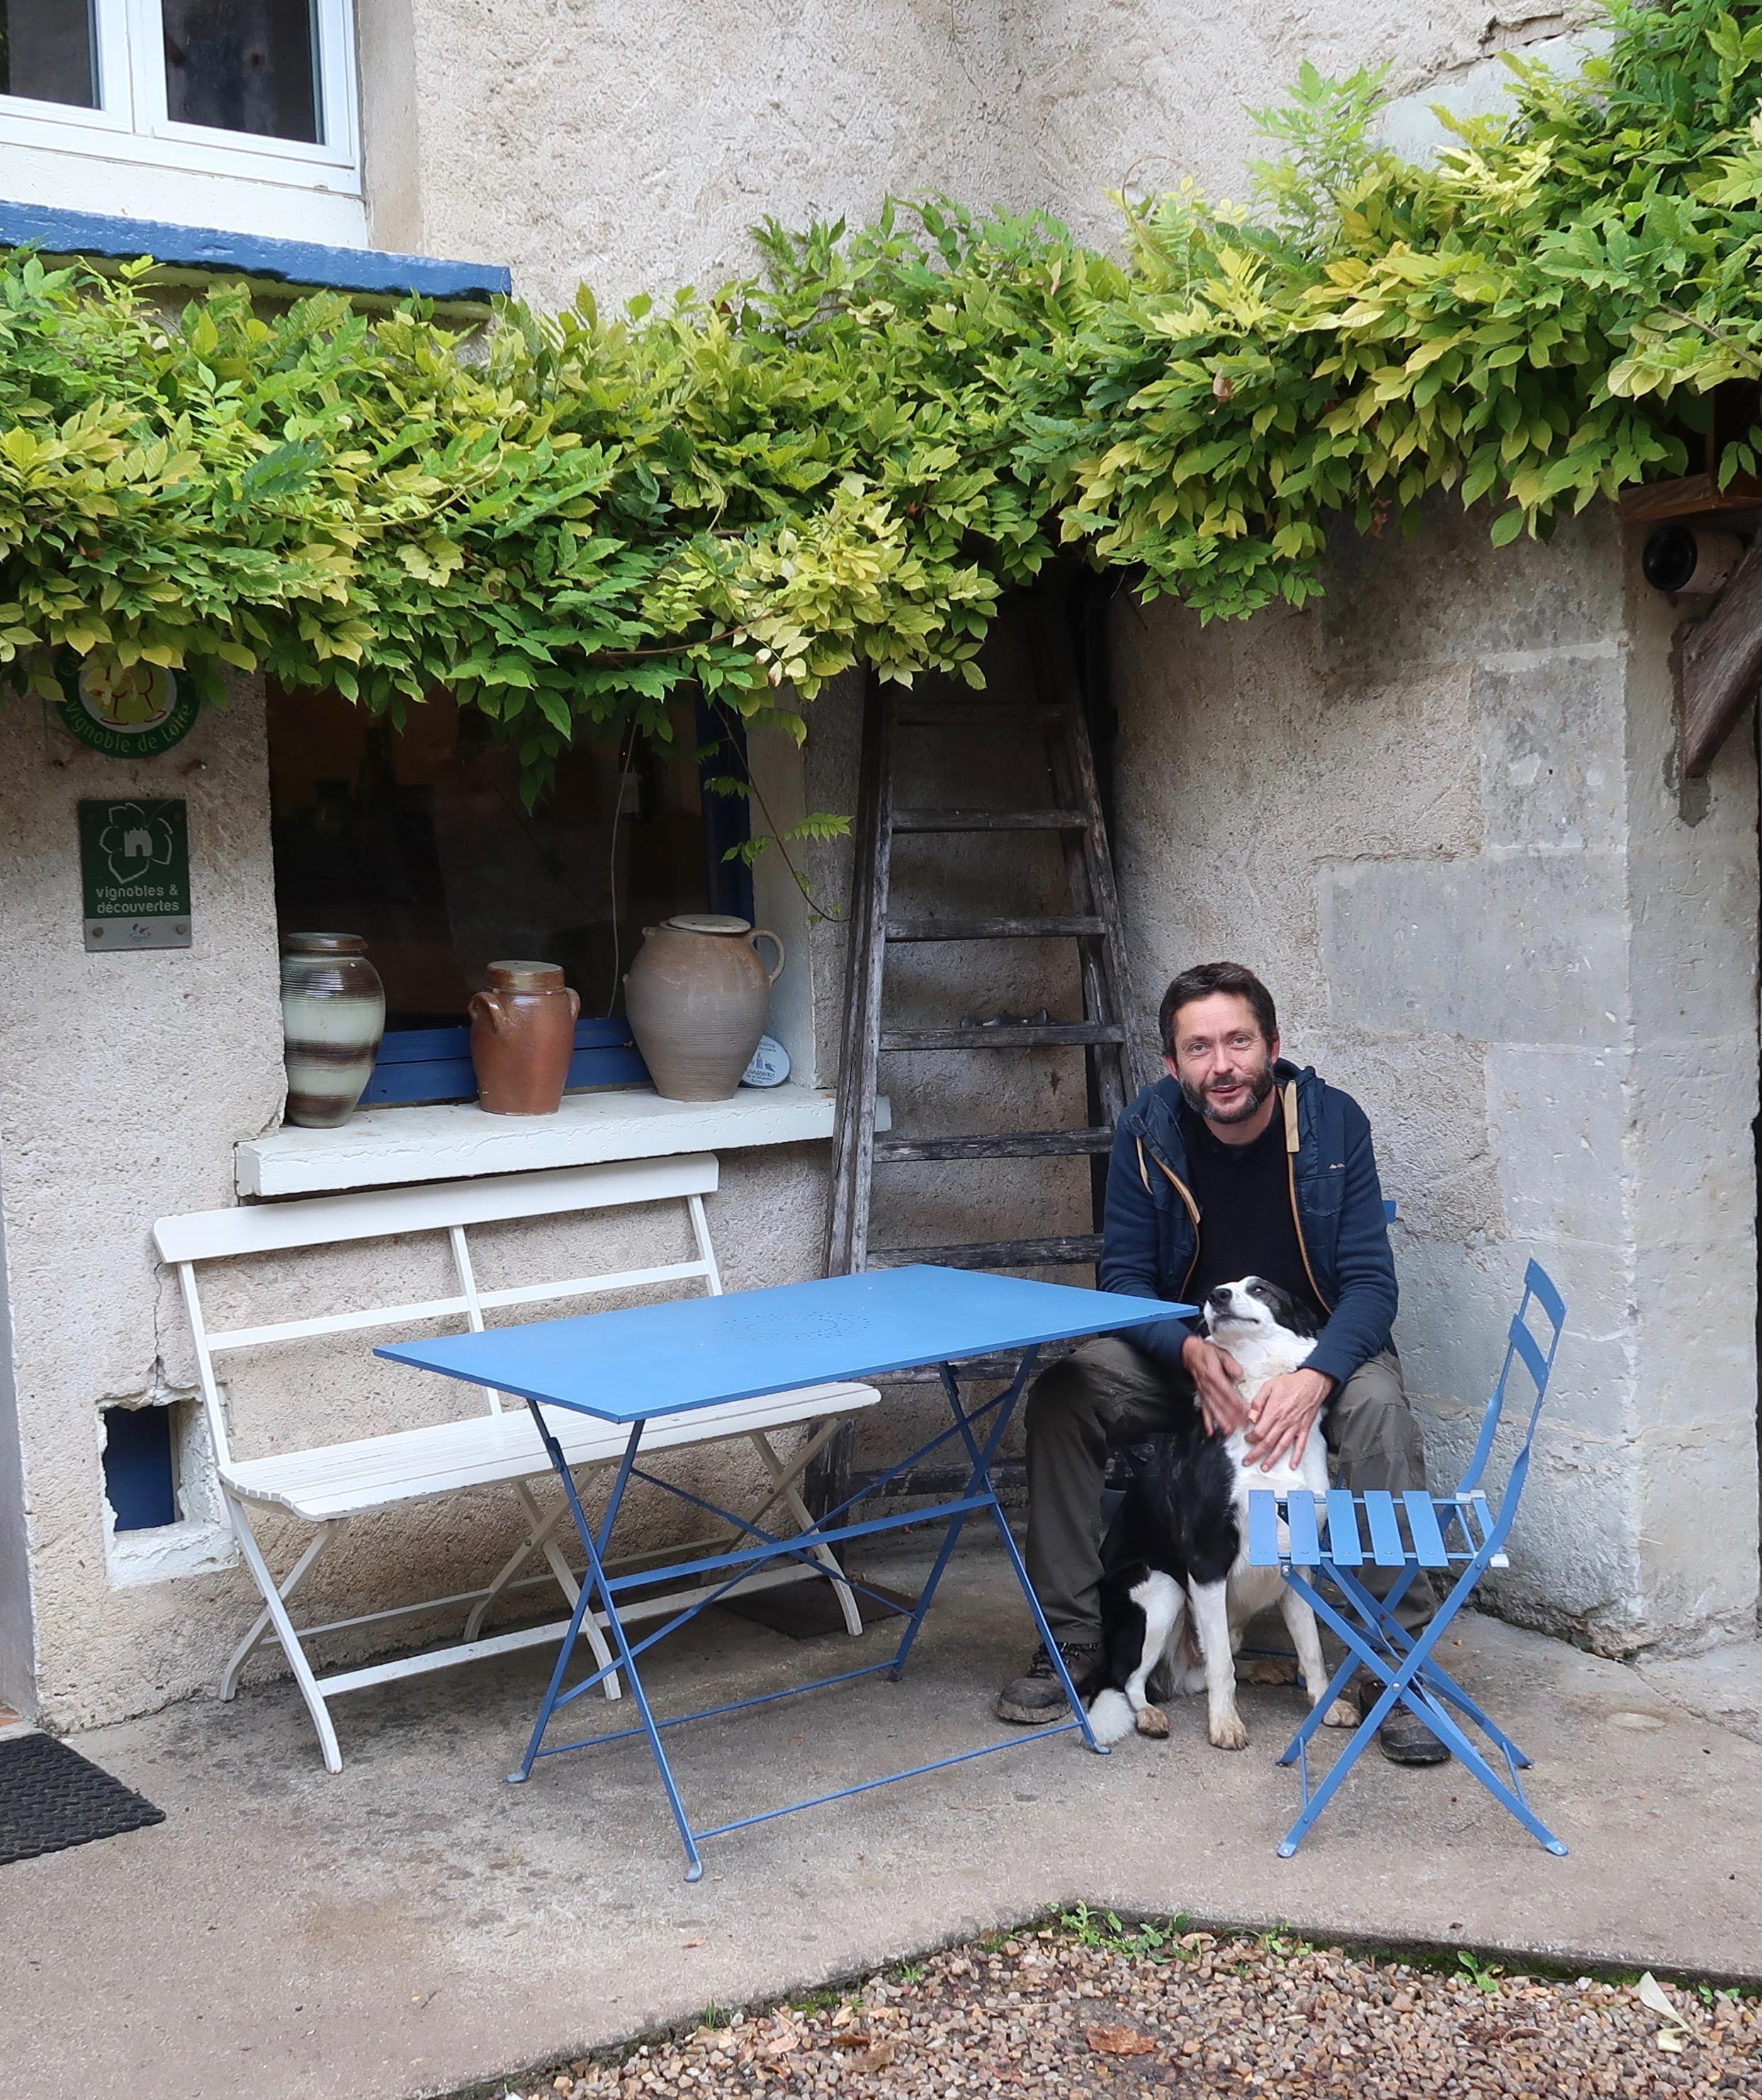 Domaine de la Roche Bleue's Sebastien Cornille